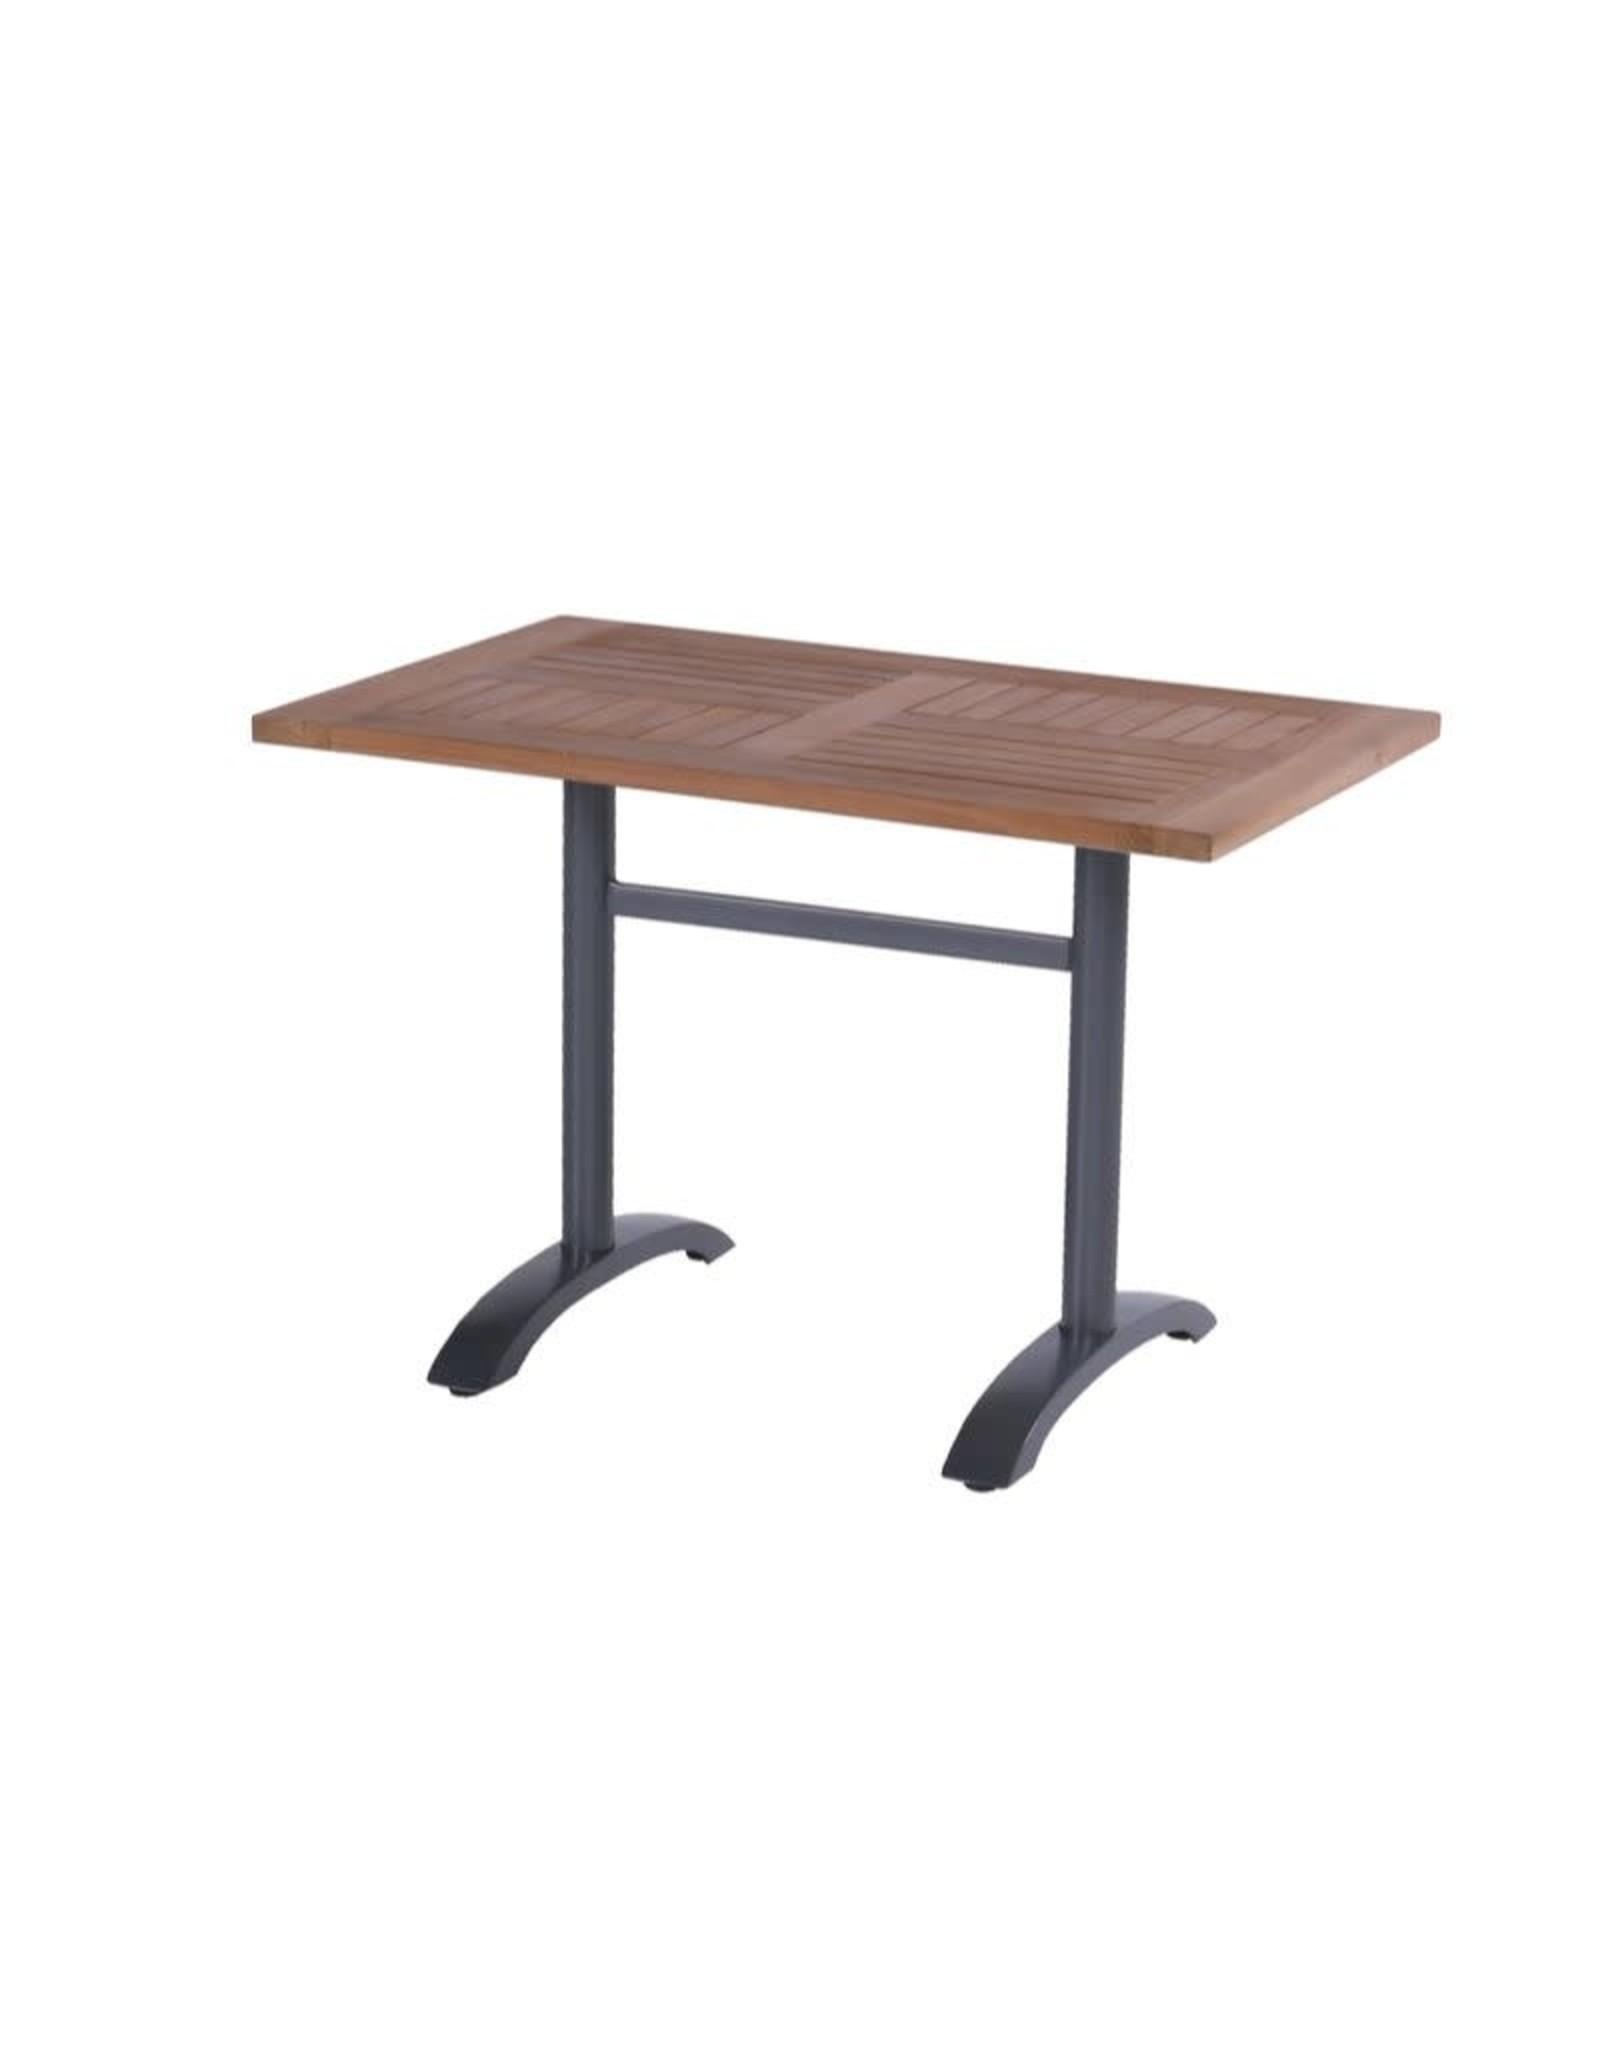 Hartman Hartman Bistro Table 110x70 Teak blad, frame